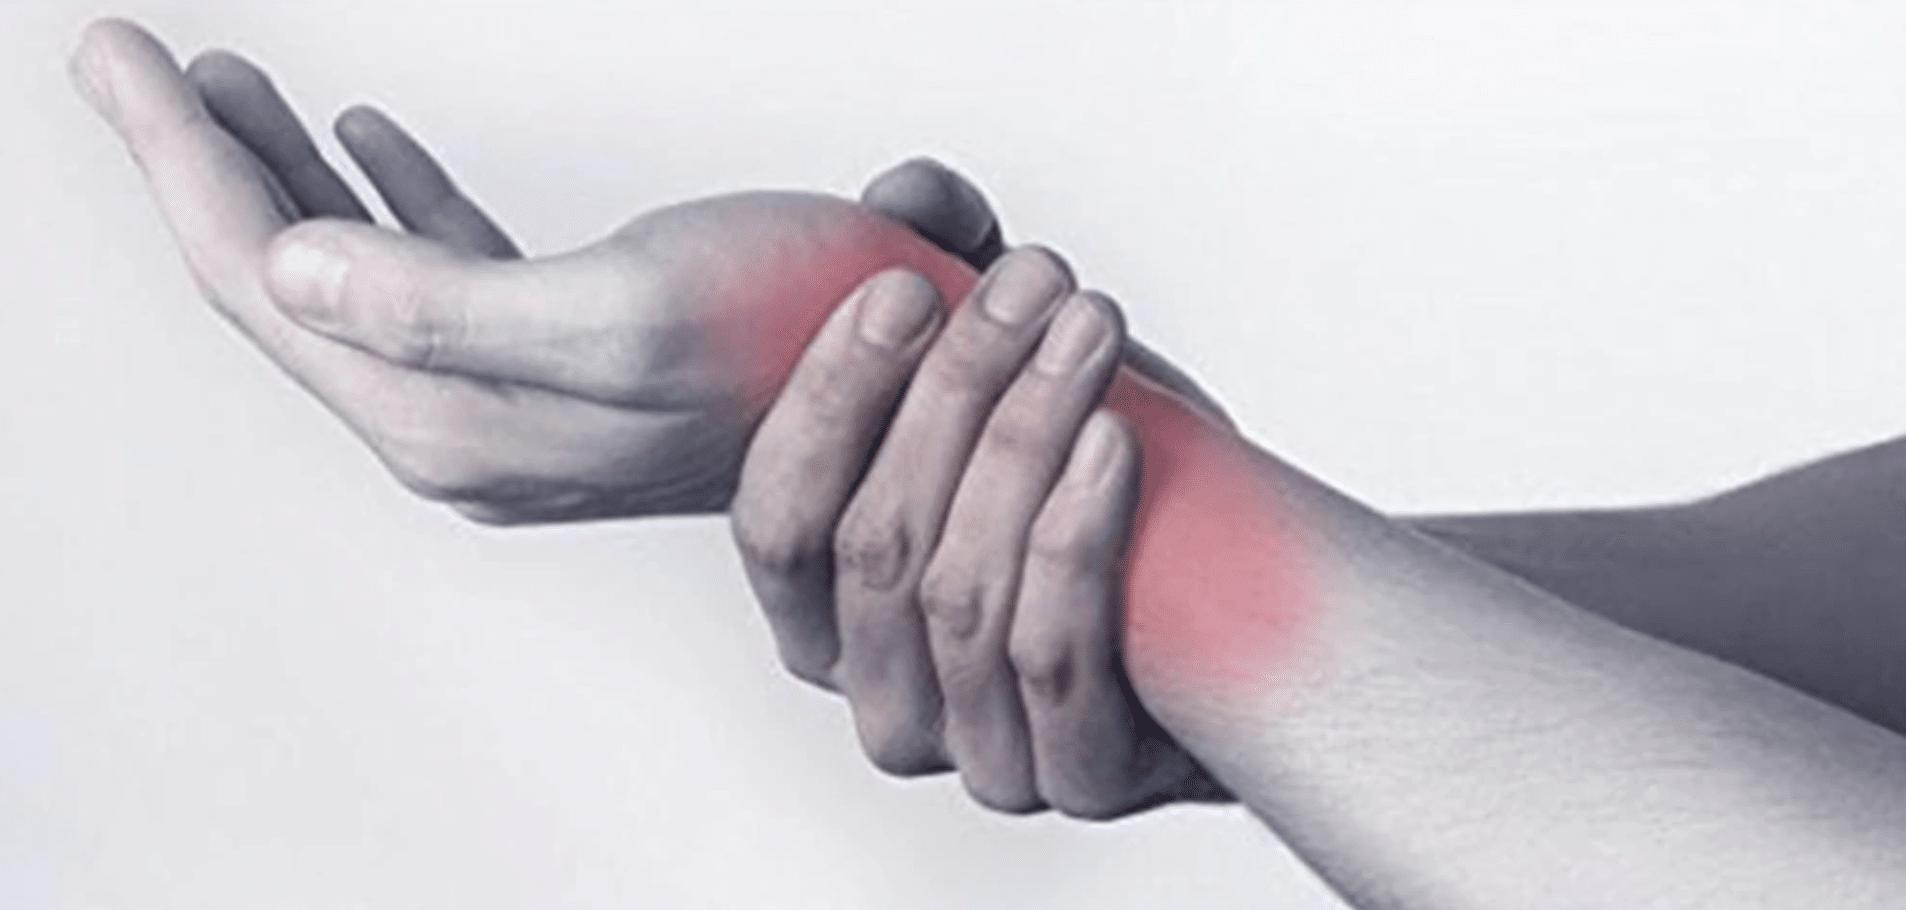 symptoms of arthritis what to do about arthritis